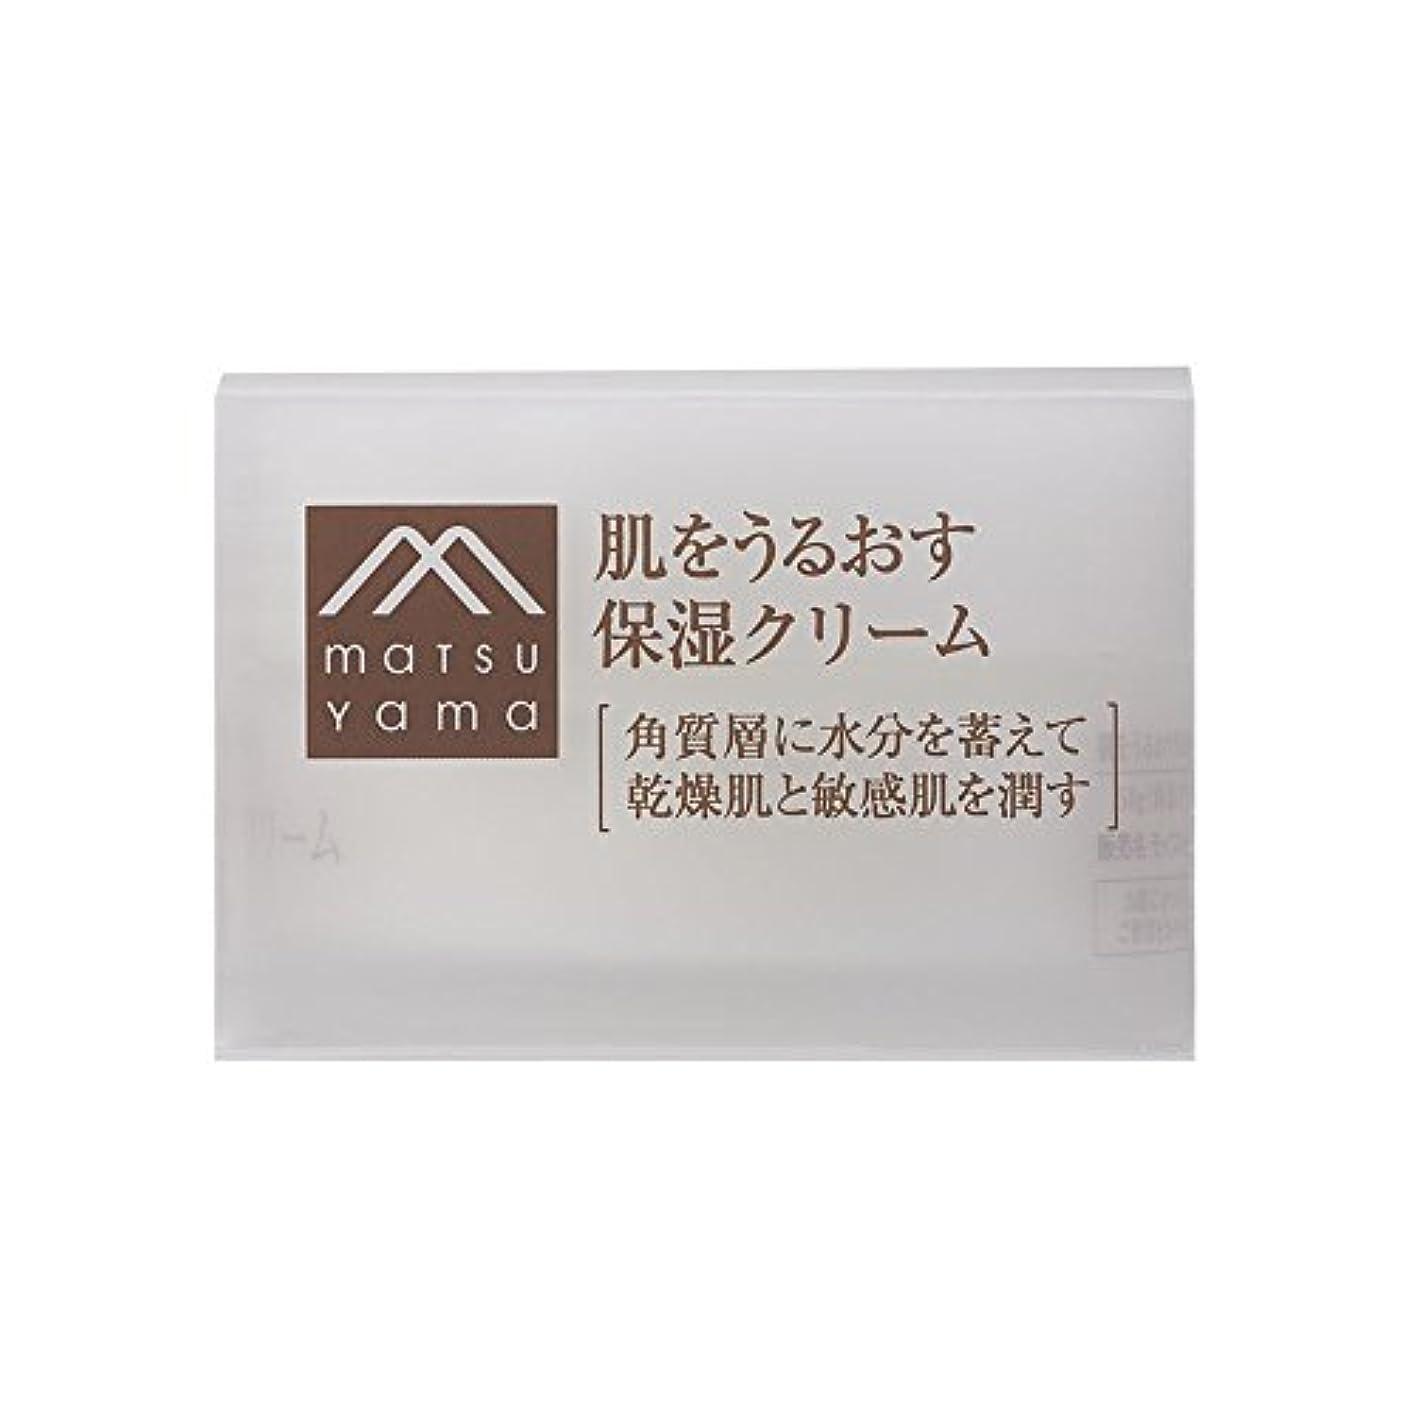 ホイットニーキャンペーンペルソナ肌をうるおす保湿クリーム(クリーム) 濃厚クリーム [乾燥肌 敏感肌]